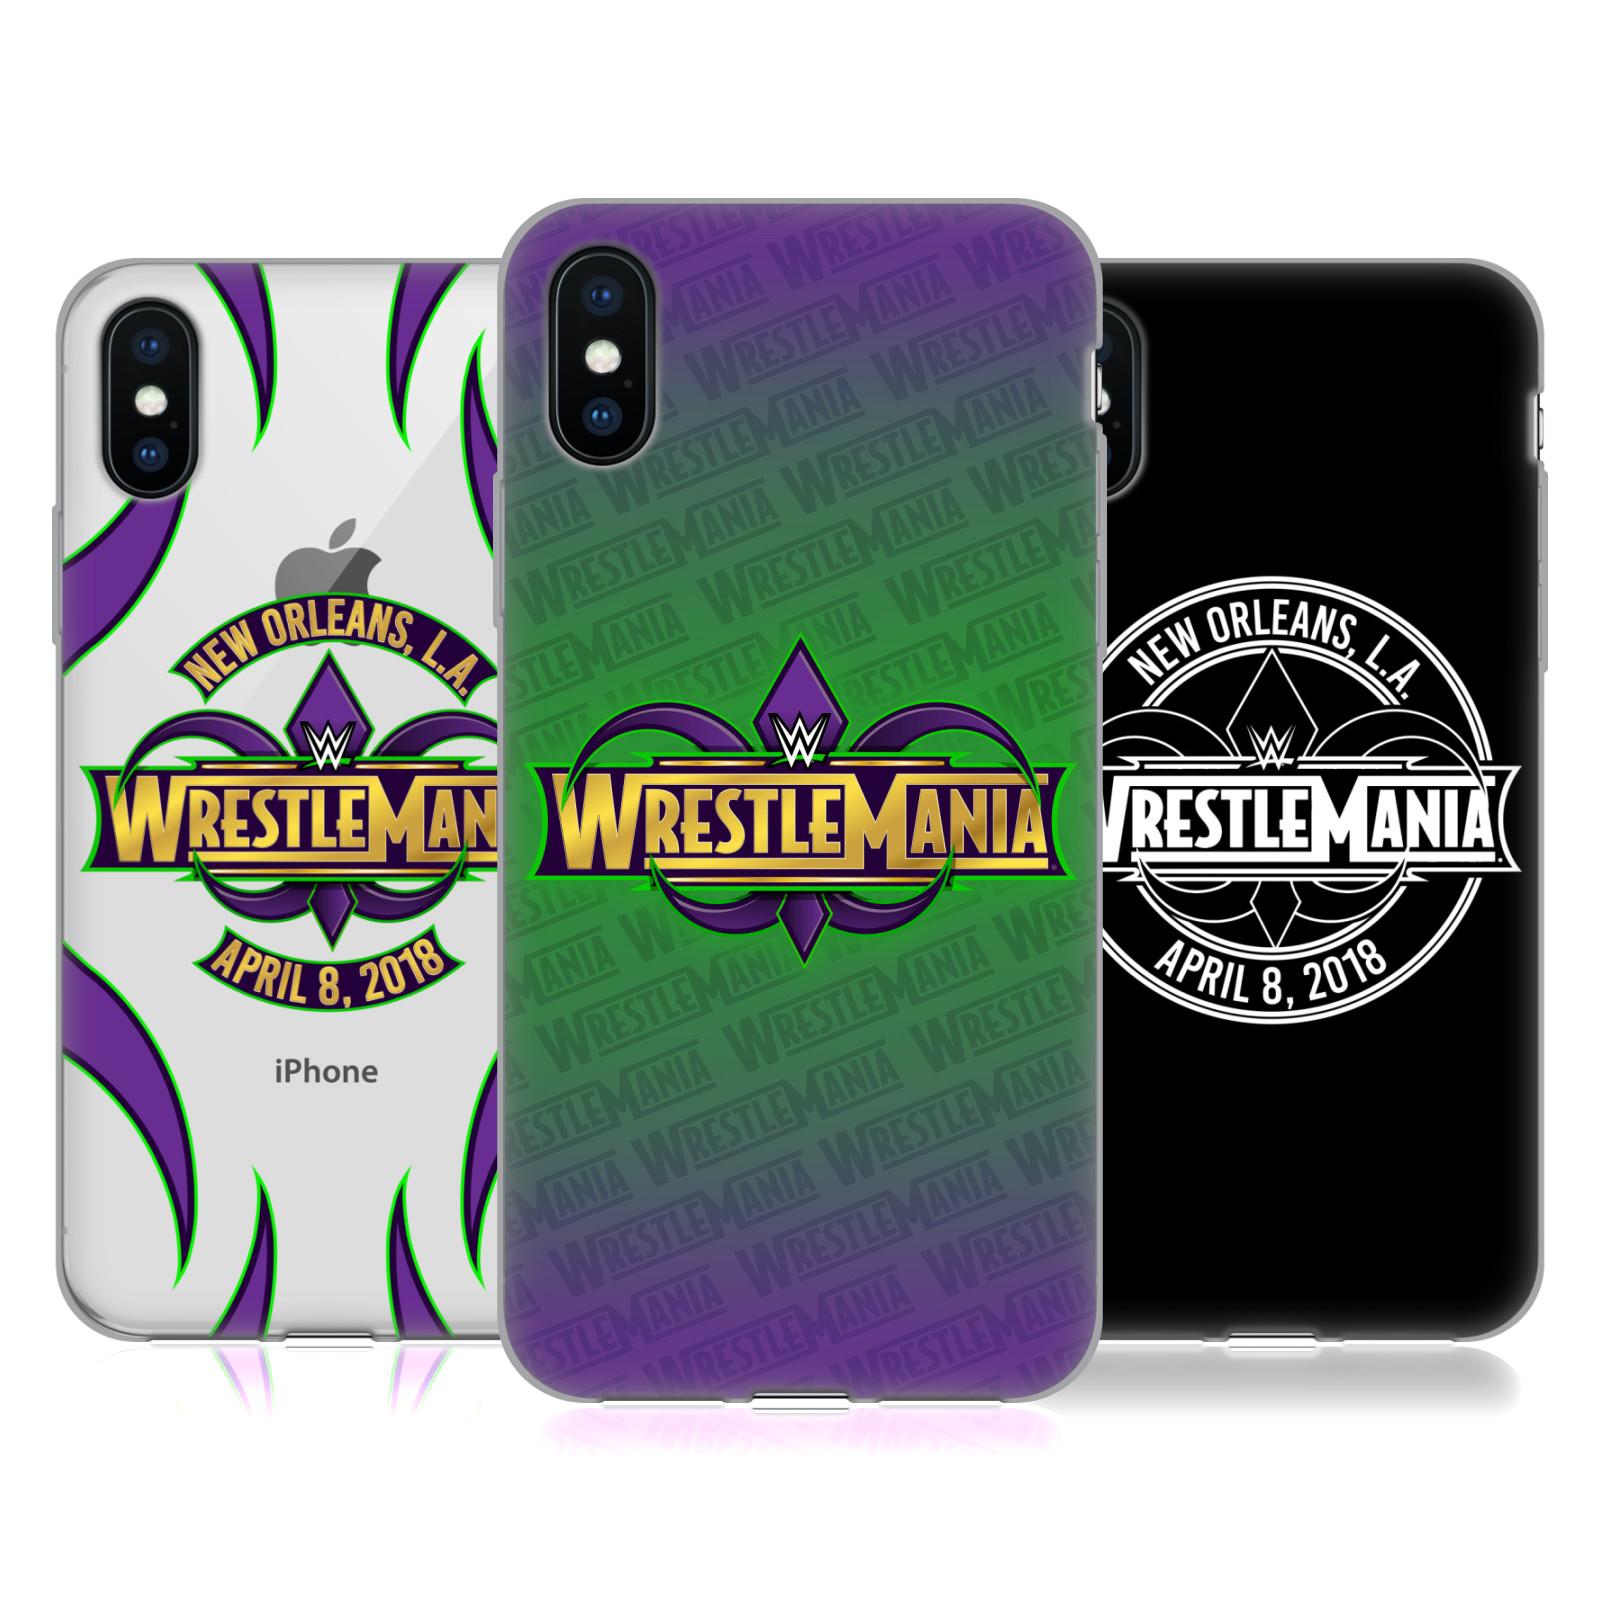 WWE <!--translate-lineup-->Wrestlemania 34<!--translate-lineup-->